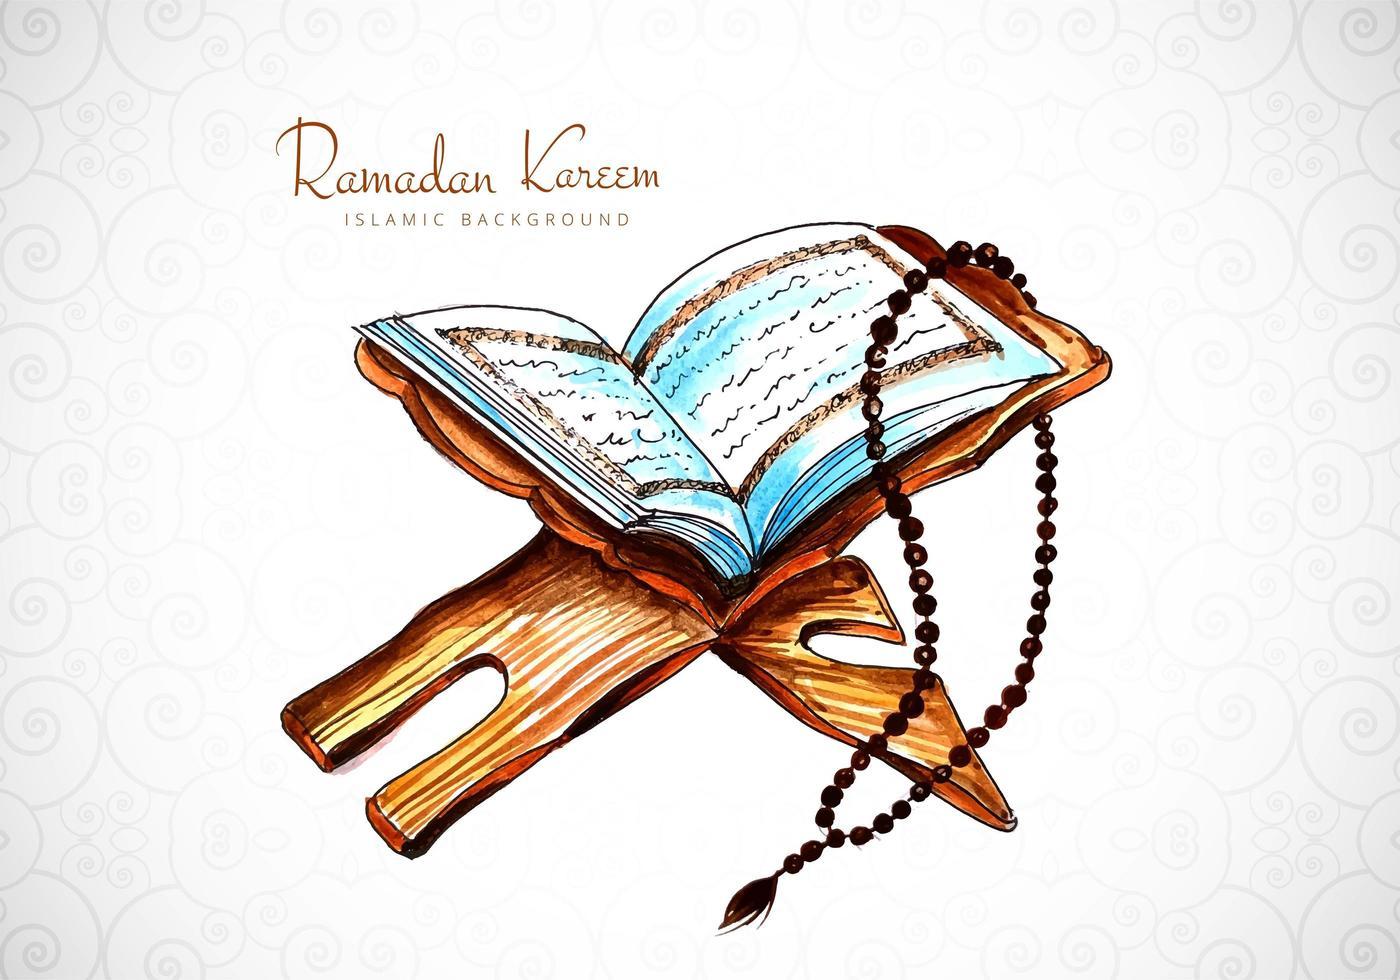 Ramadan Kareem Greeting with Watercolor Book Design  vector